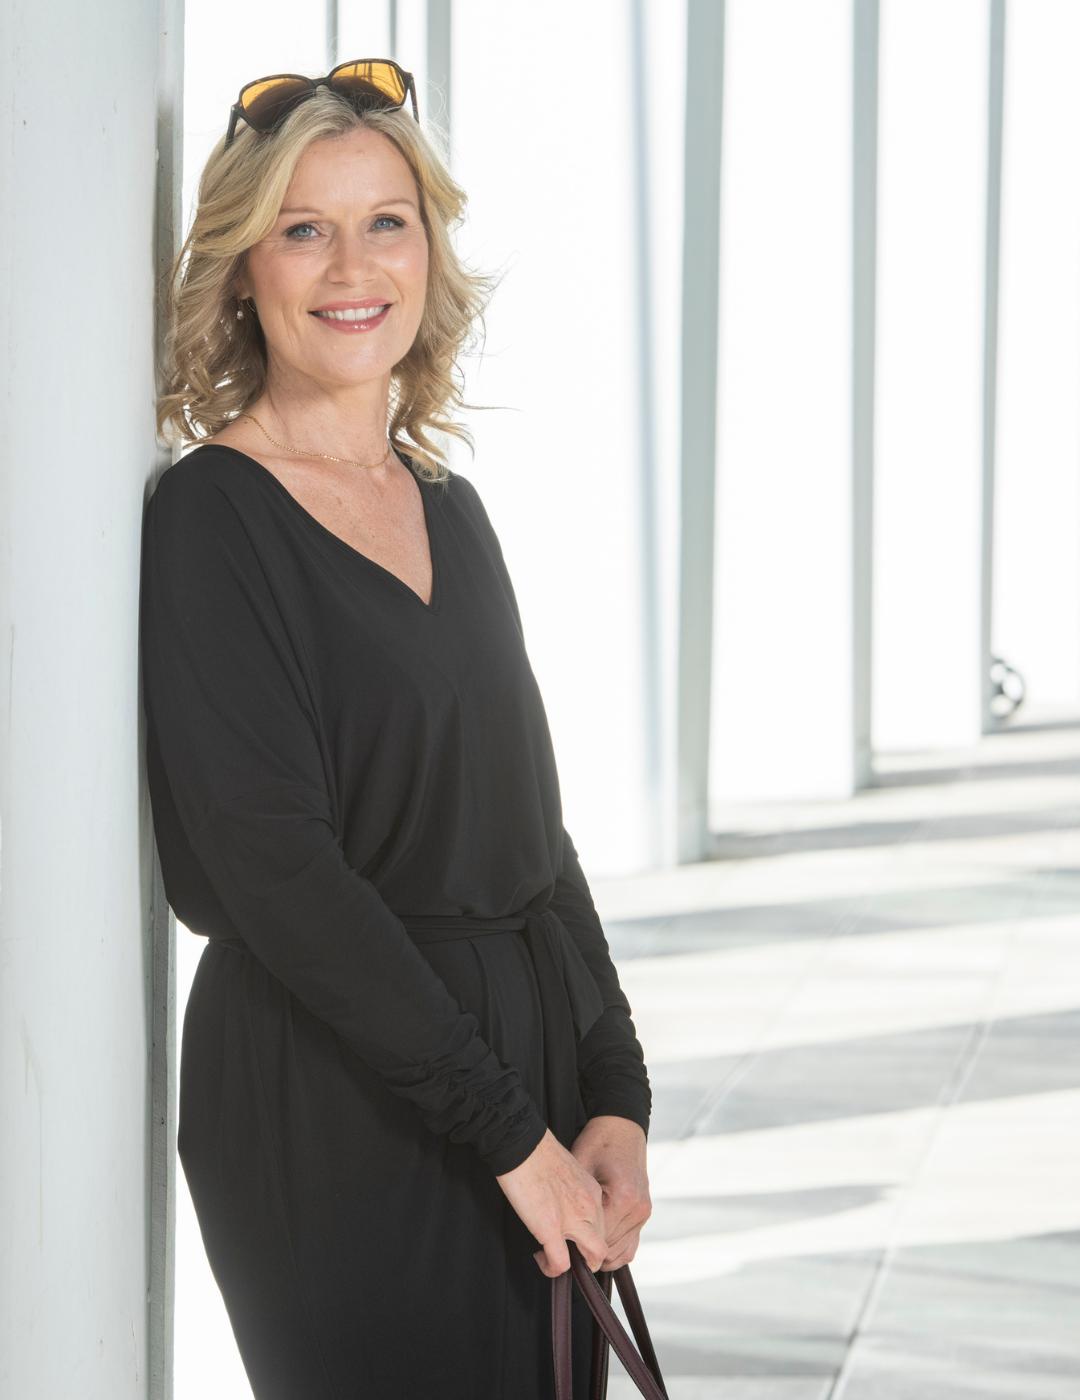 Anna Nordengren